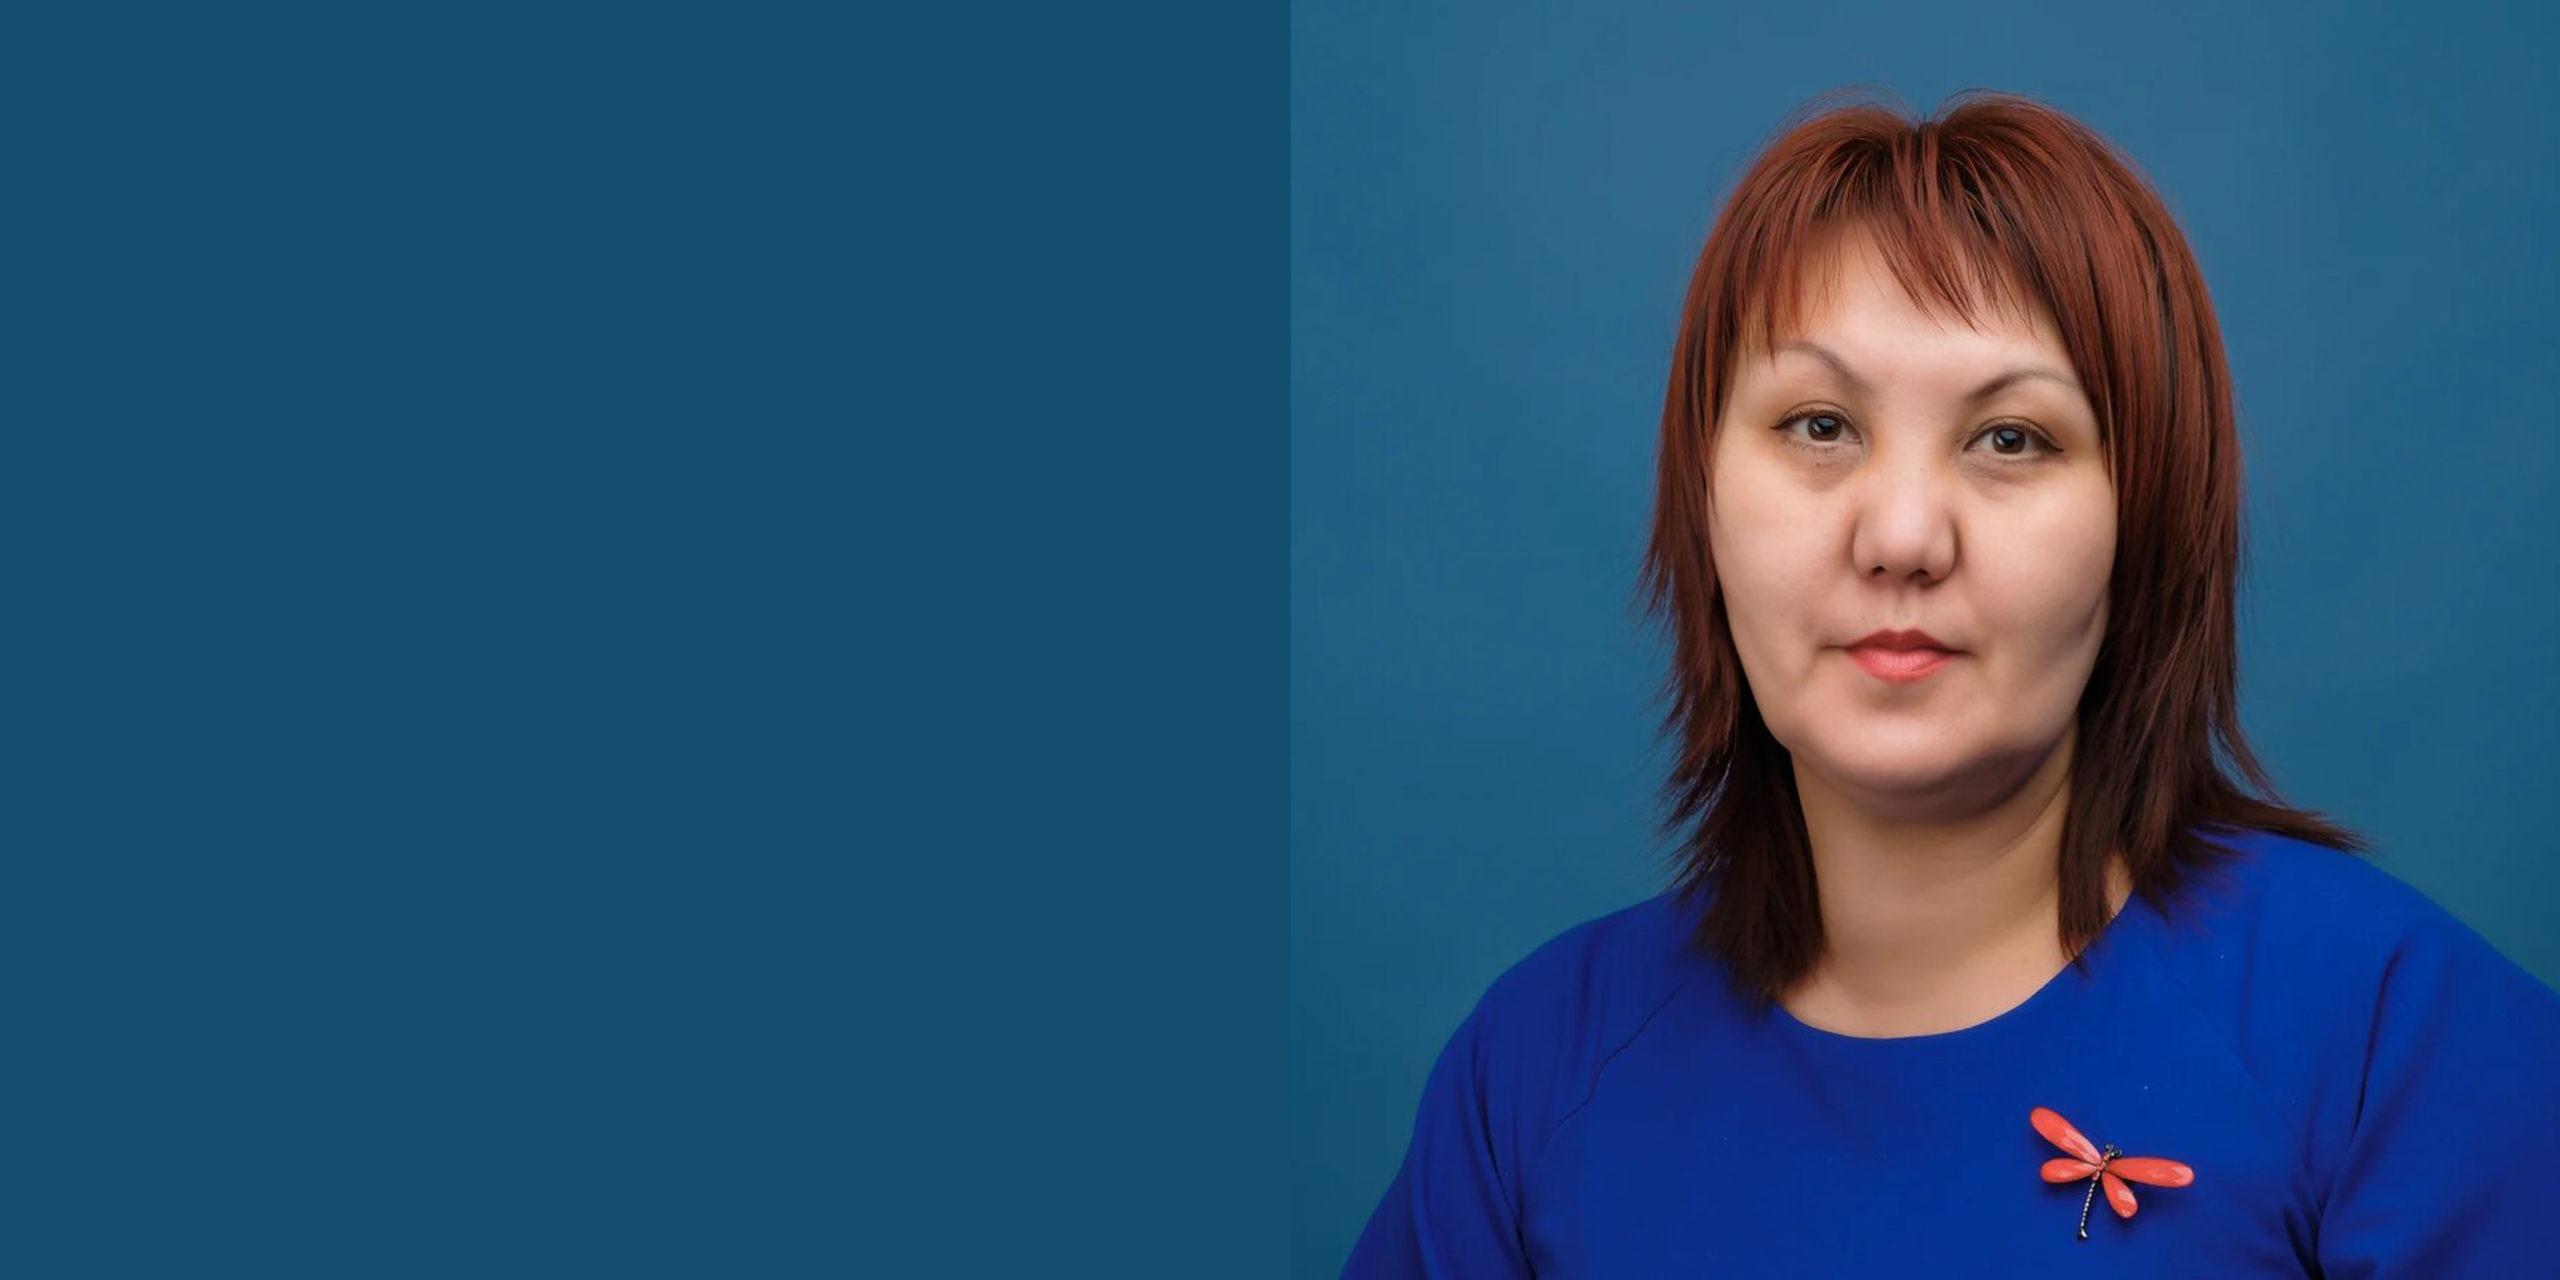 Досаева Руфина Наримановна, педагог-психолог центра Эмпатия